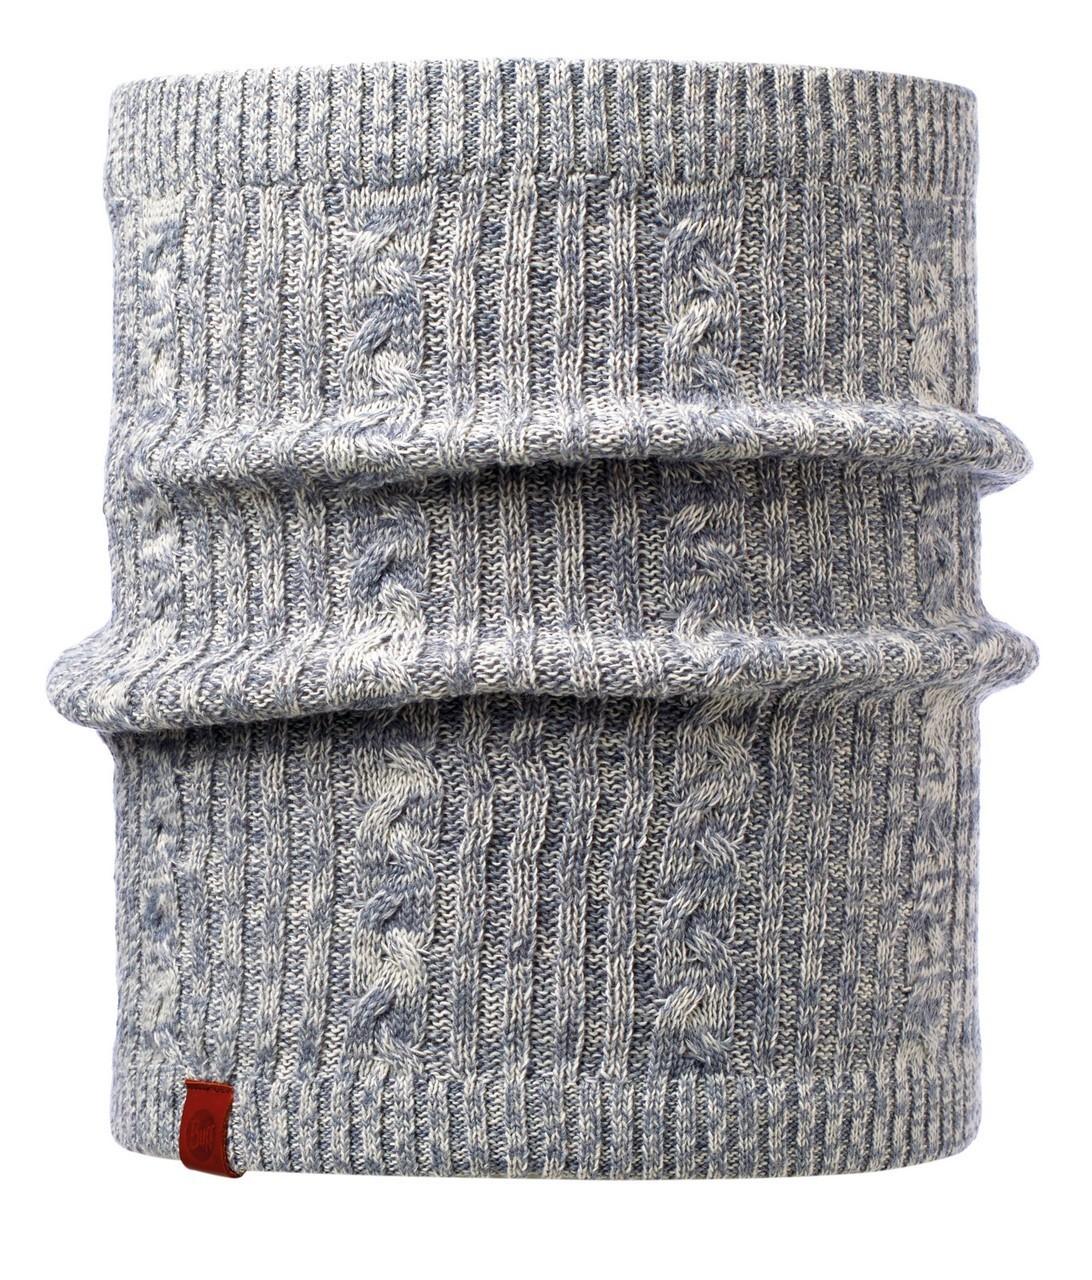 Вязаные шарфы Вязаный шарф-труба с флисовой подкладкой Buff Comfort Braidy Grey 116035.937.10.00.jpg